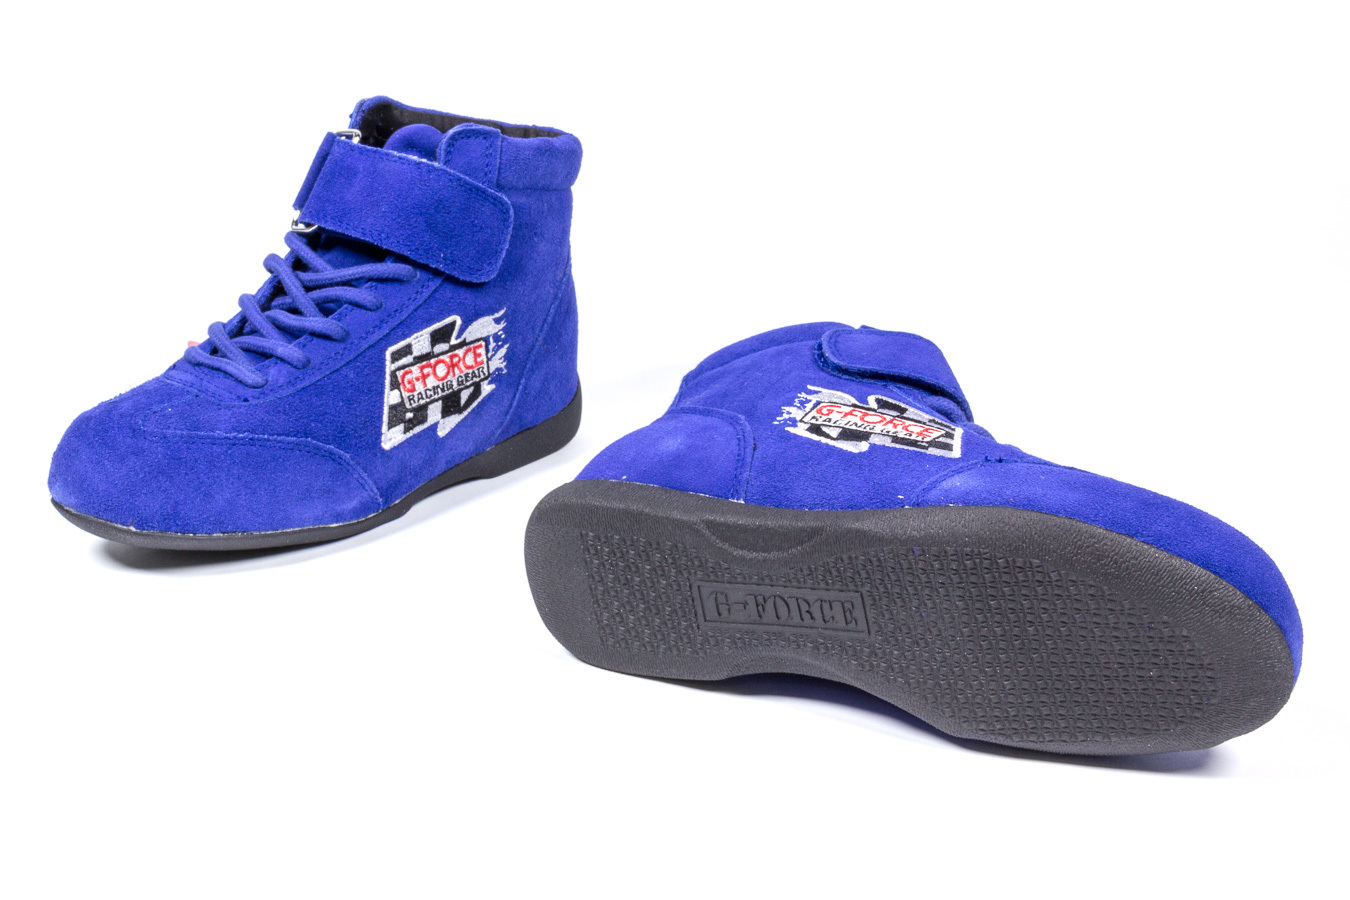 GF235 RaceGrip Mid-Top Shoes Blue Size 6